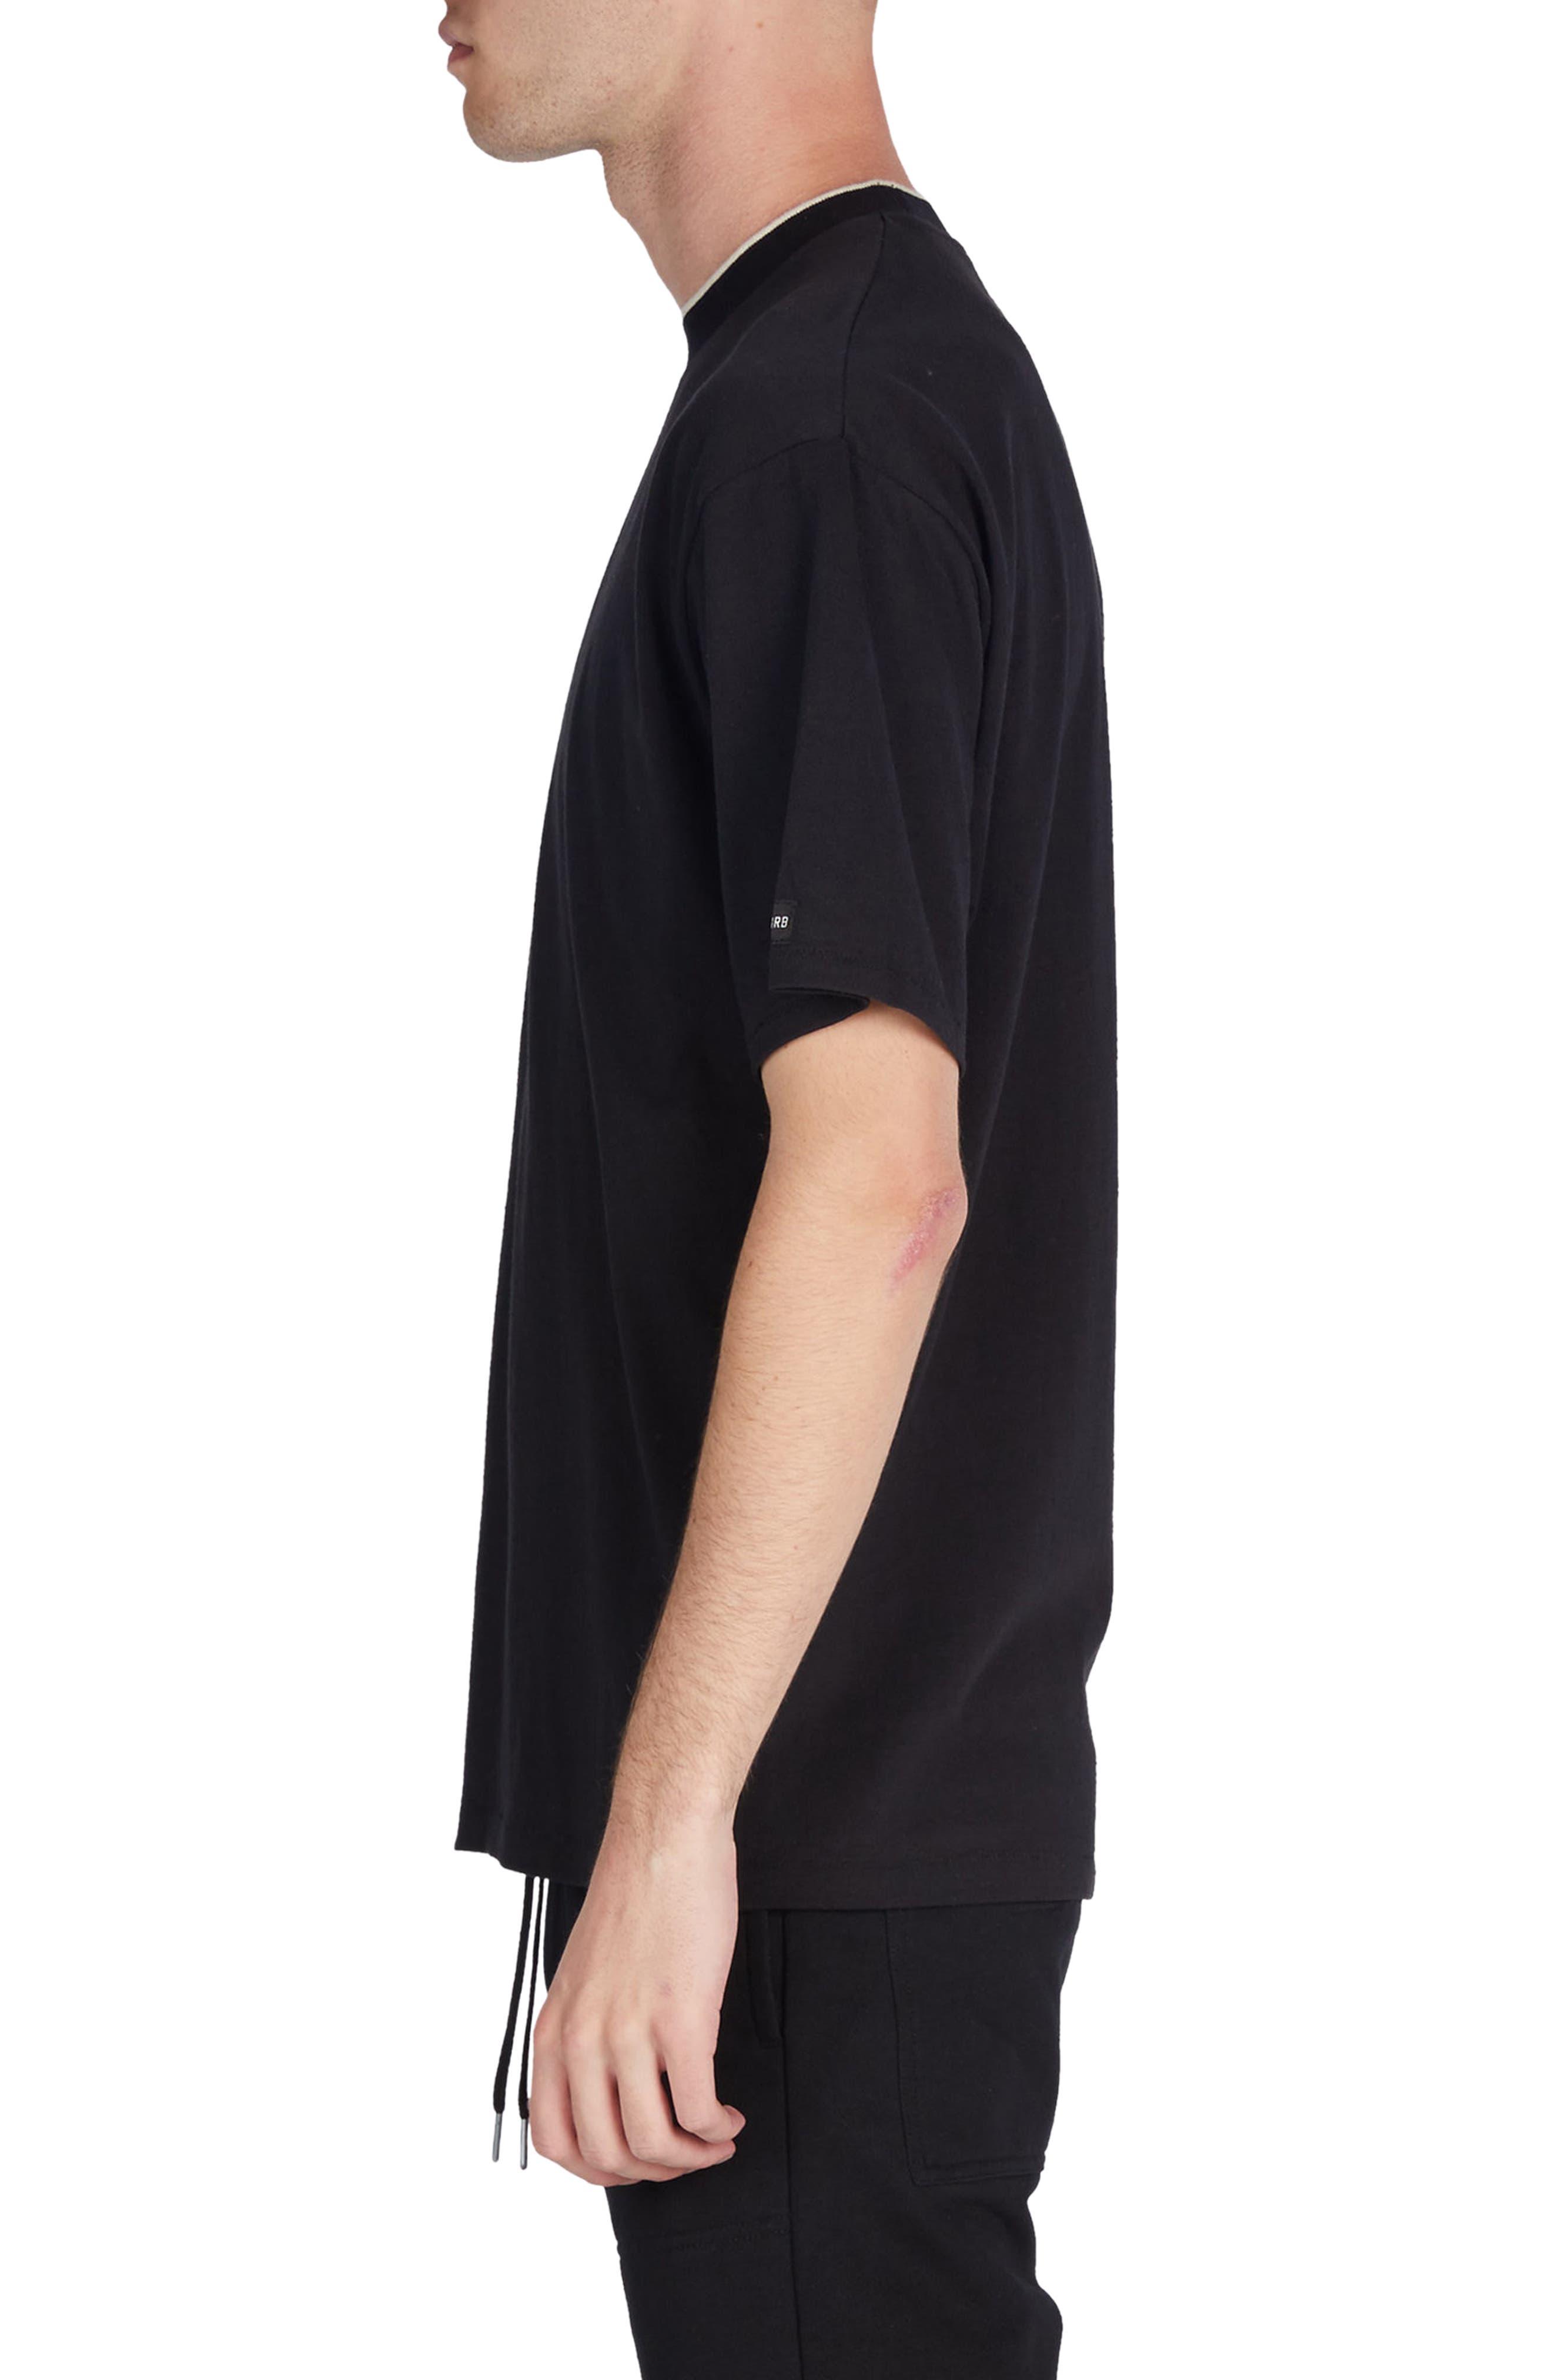 Tip Box T-Shirt,                             Alternate thumbnail 3, color,                             Black